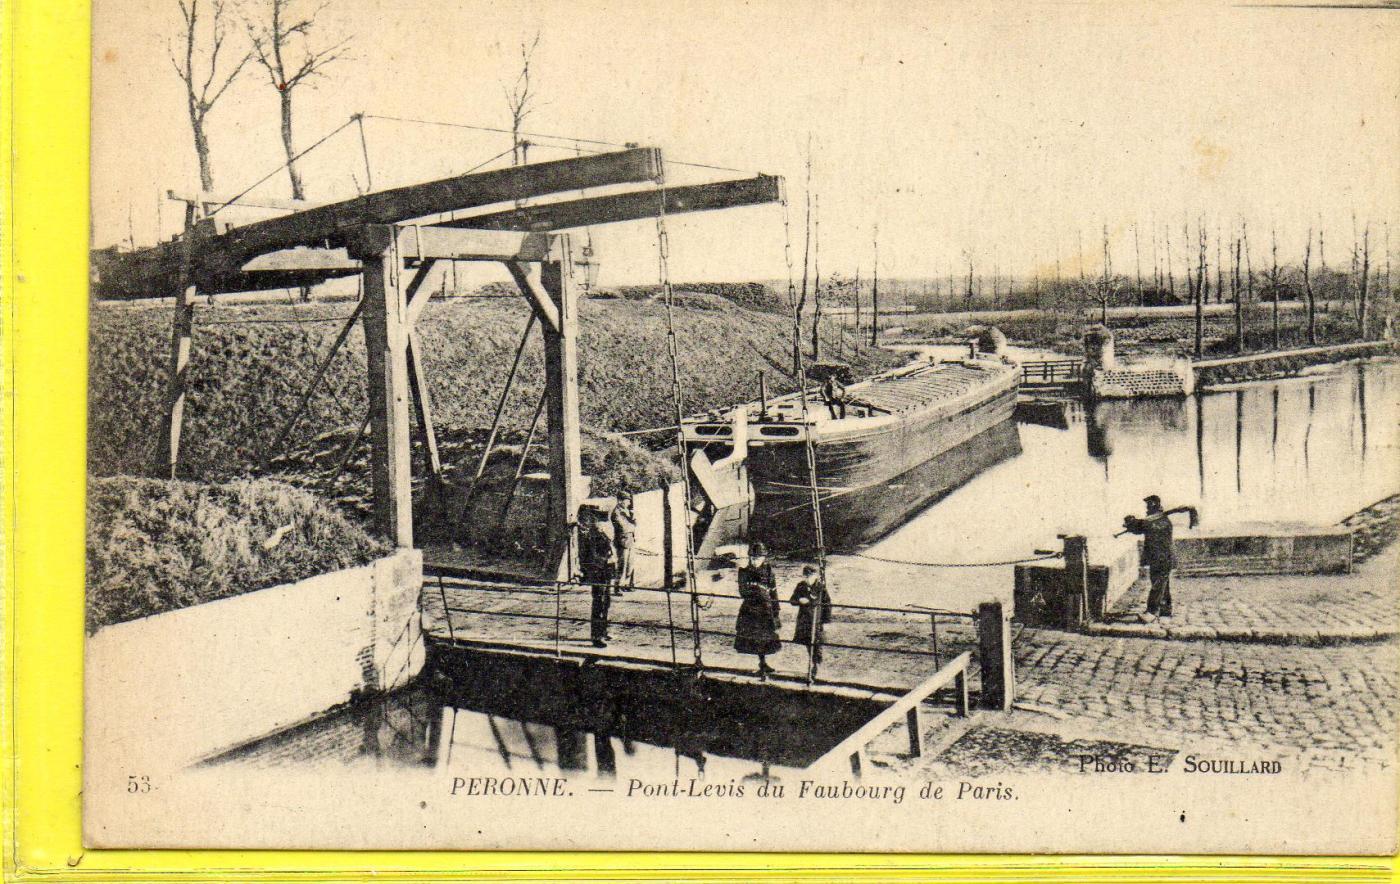 Peronne-pont Levis Du Faubourg De Paris